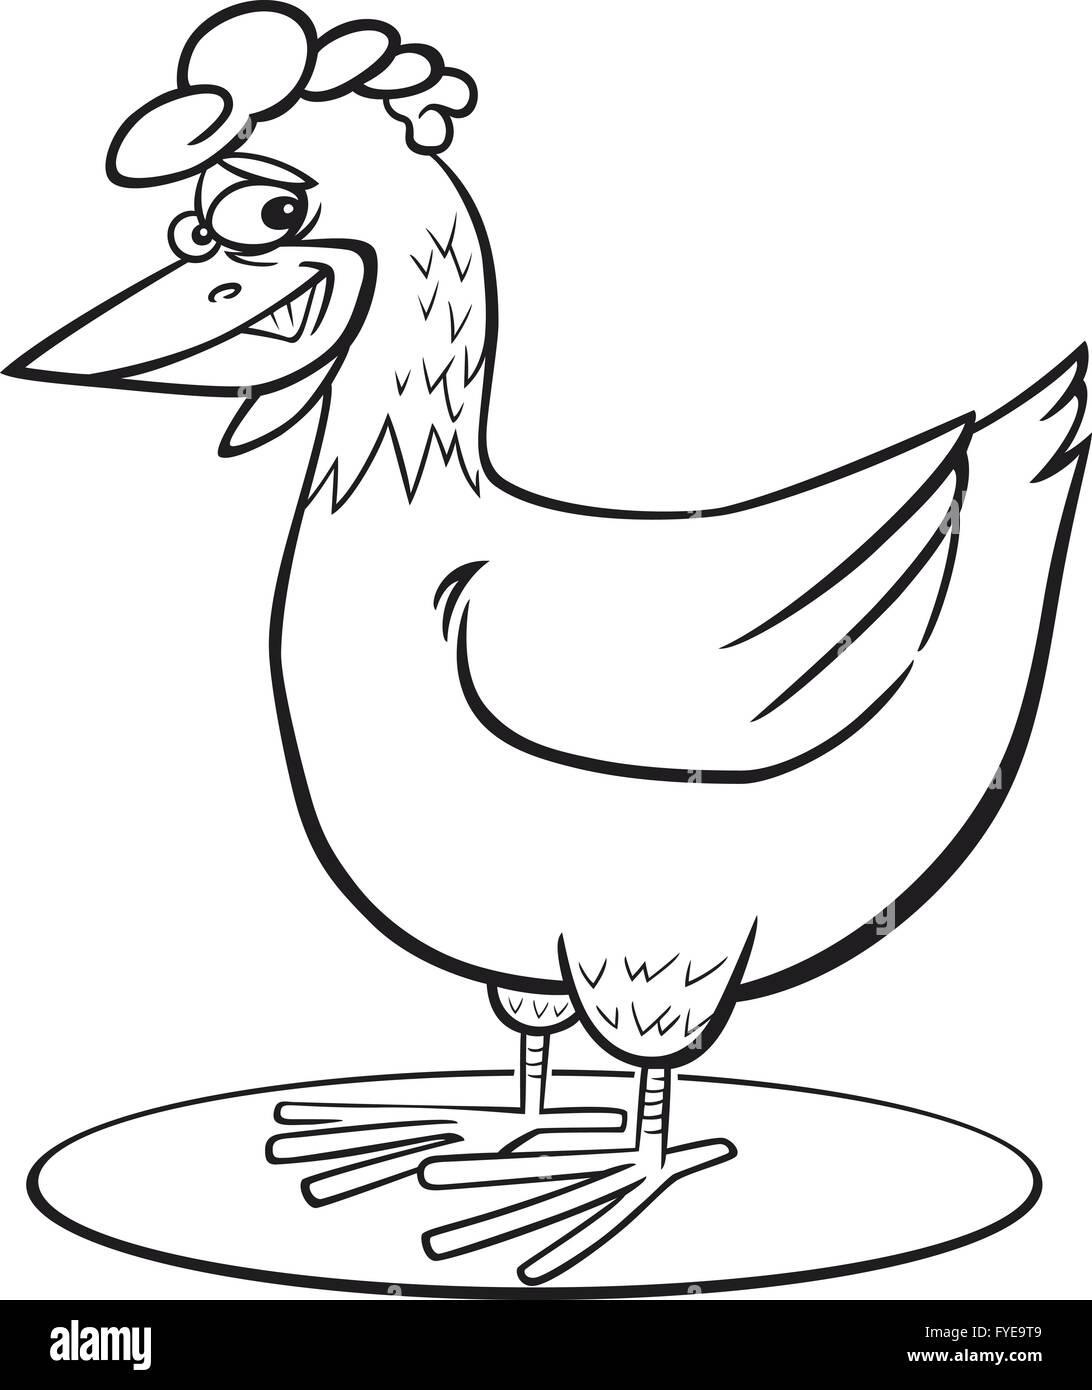 Atemberaubend Huhn Malvorlagen Ideen - Druckbare Malvorlagen ...